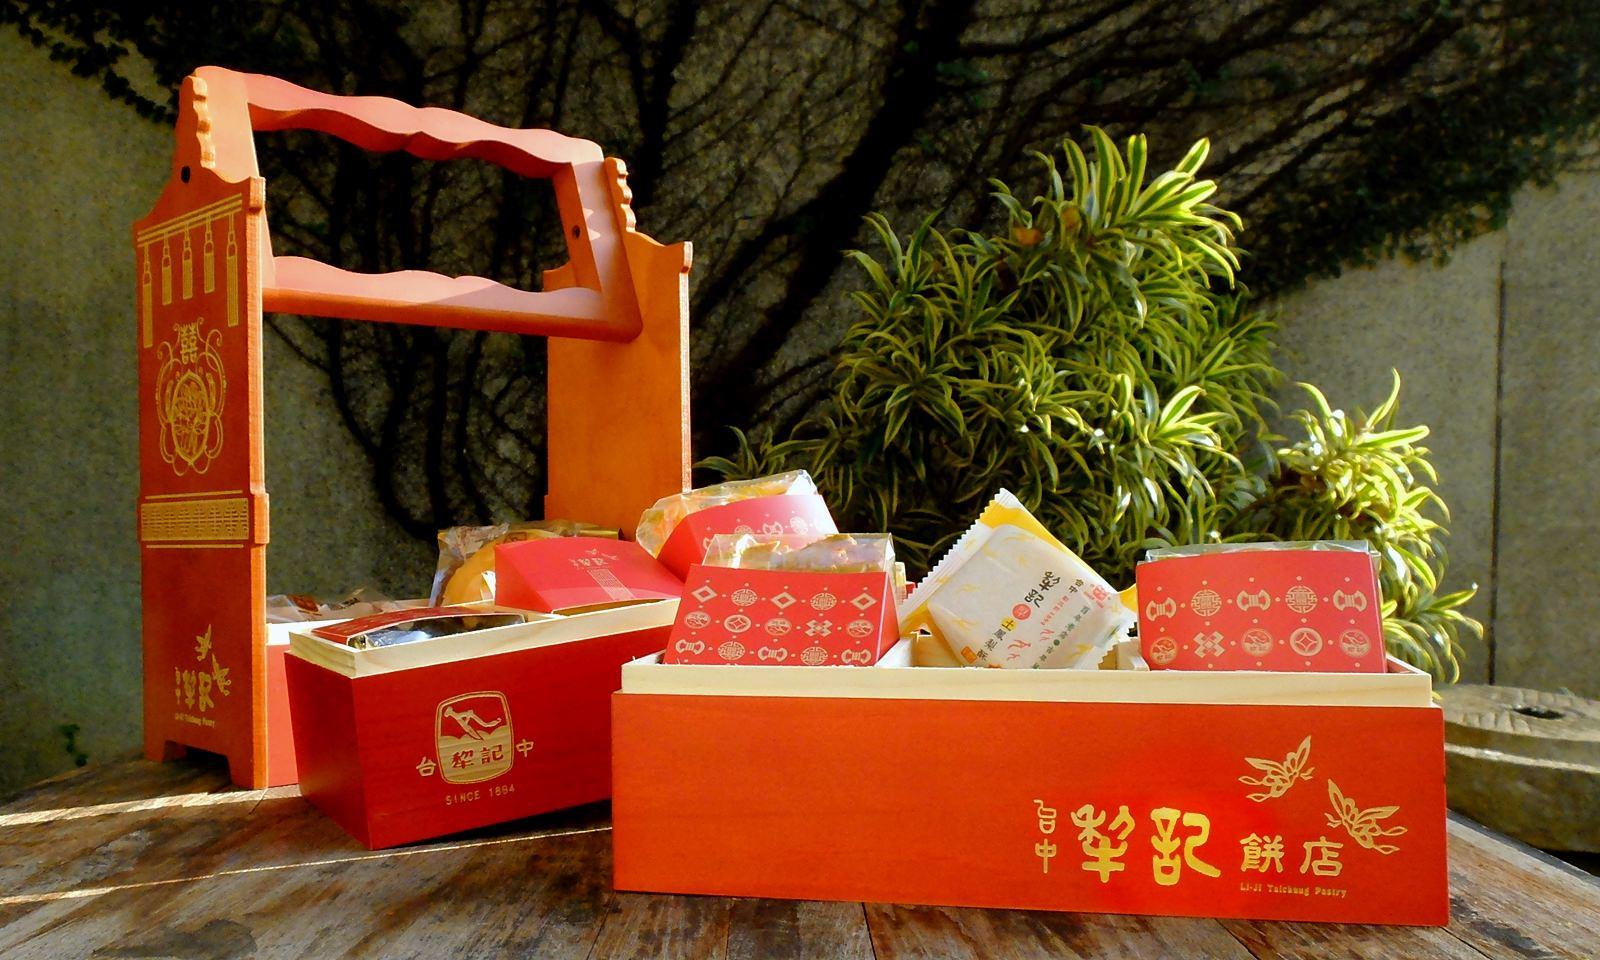 中西式喜餅喜餅推薦-台中犂記餅店融合傳統與新意,三層花轎囍盒超復古、超喜氣